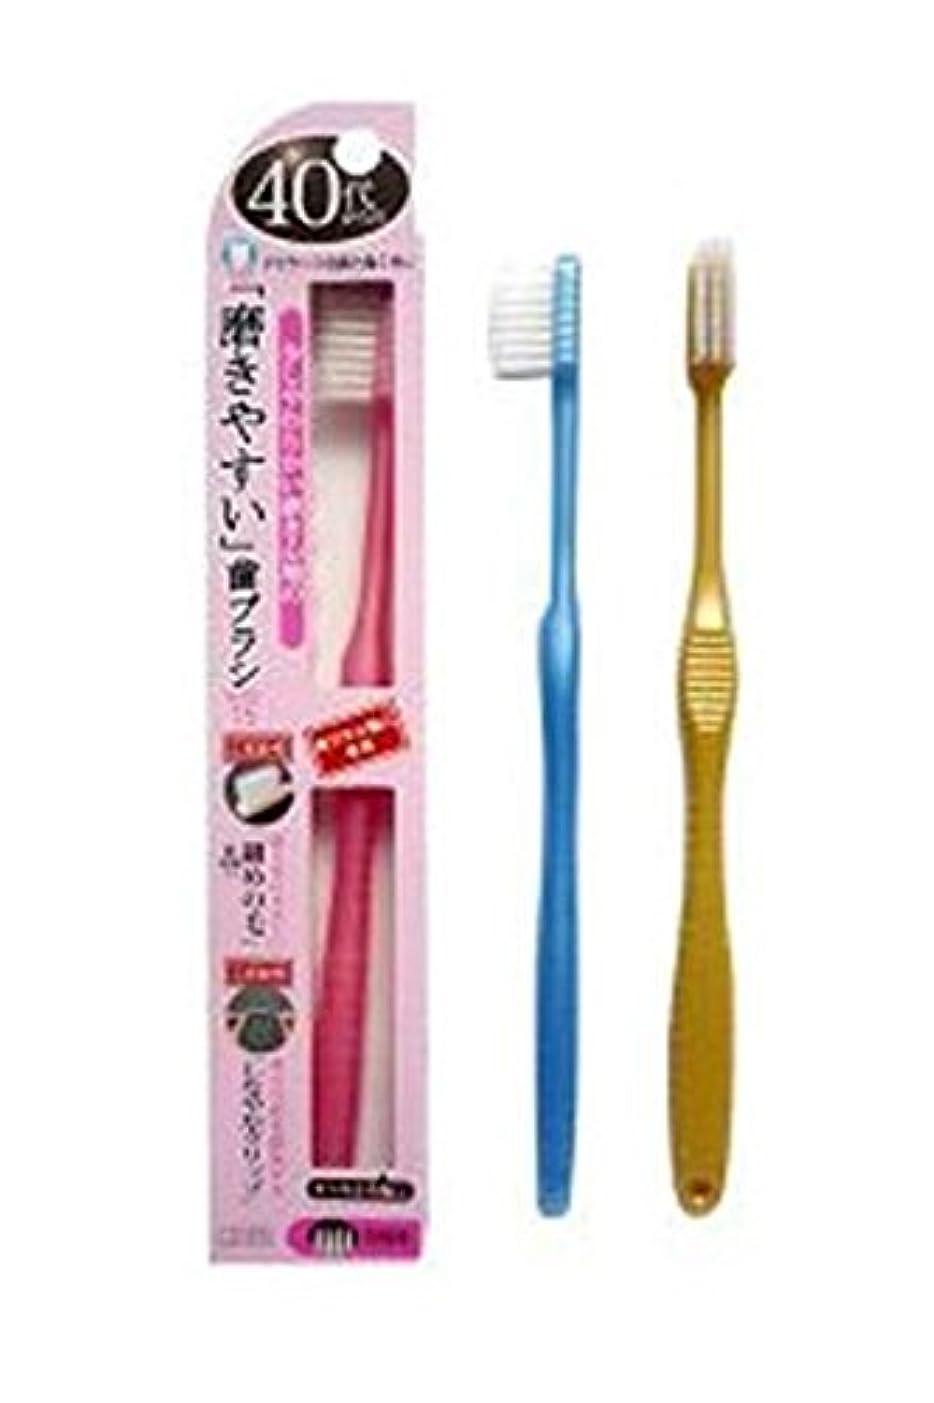 革新乱用自体ライフレンジ 40代からの「磨きやすい」歯ブラシ 先細 12本 (ピンク4、ブルー4、ゴールド4)アソート